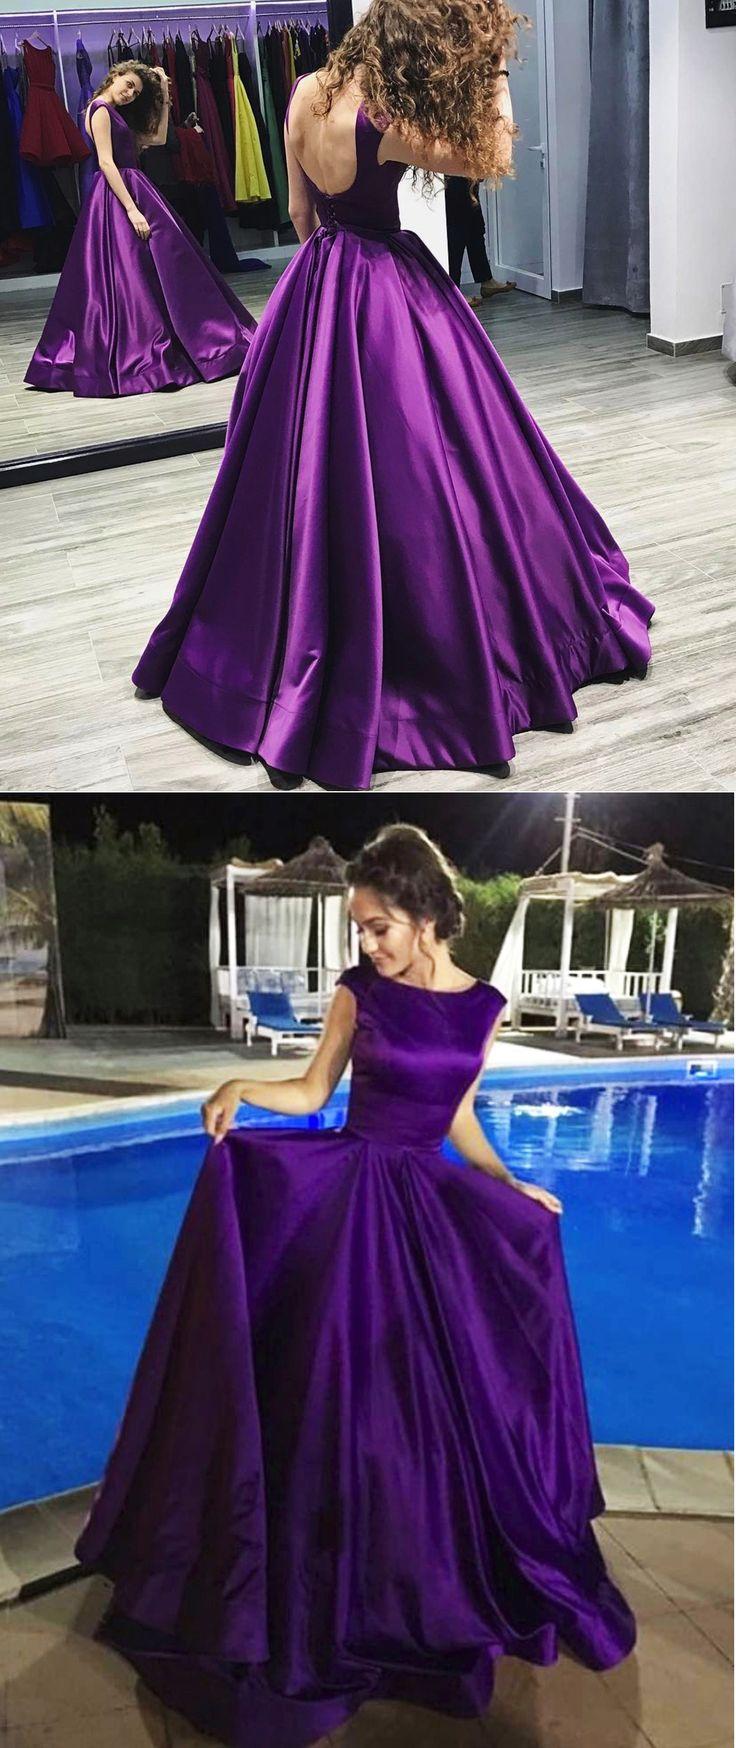 Mejores 441 imágenes de Outfits en Pinterest | Albercas, Alta ...